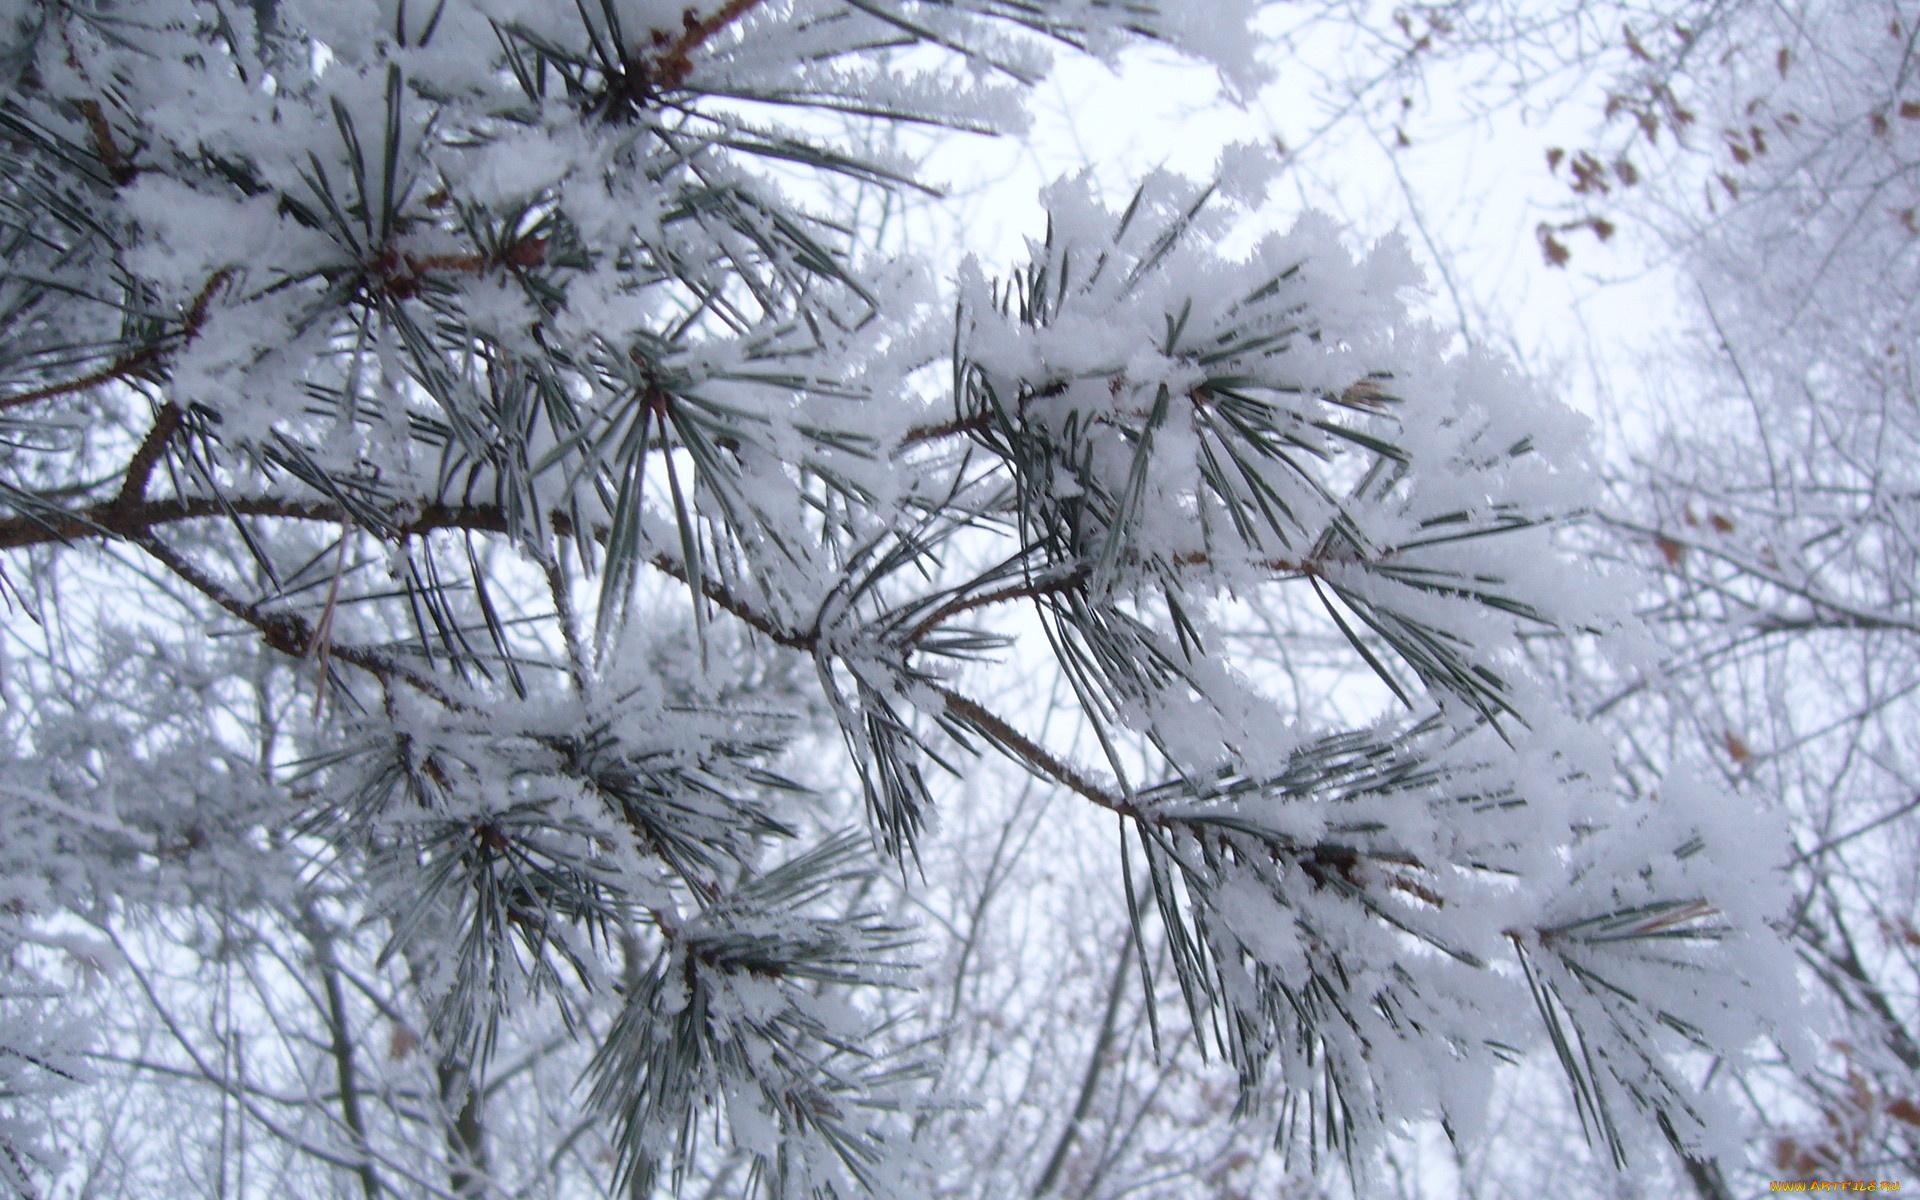 Сосны в снегу бесплатно